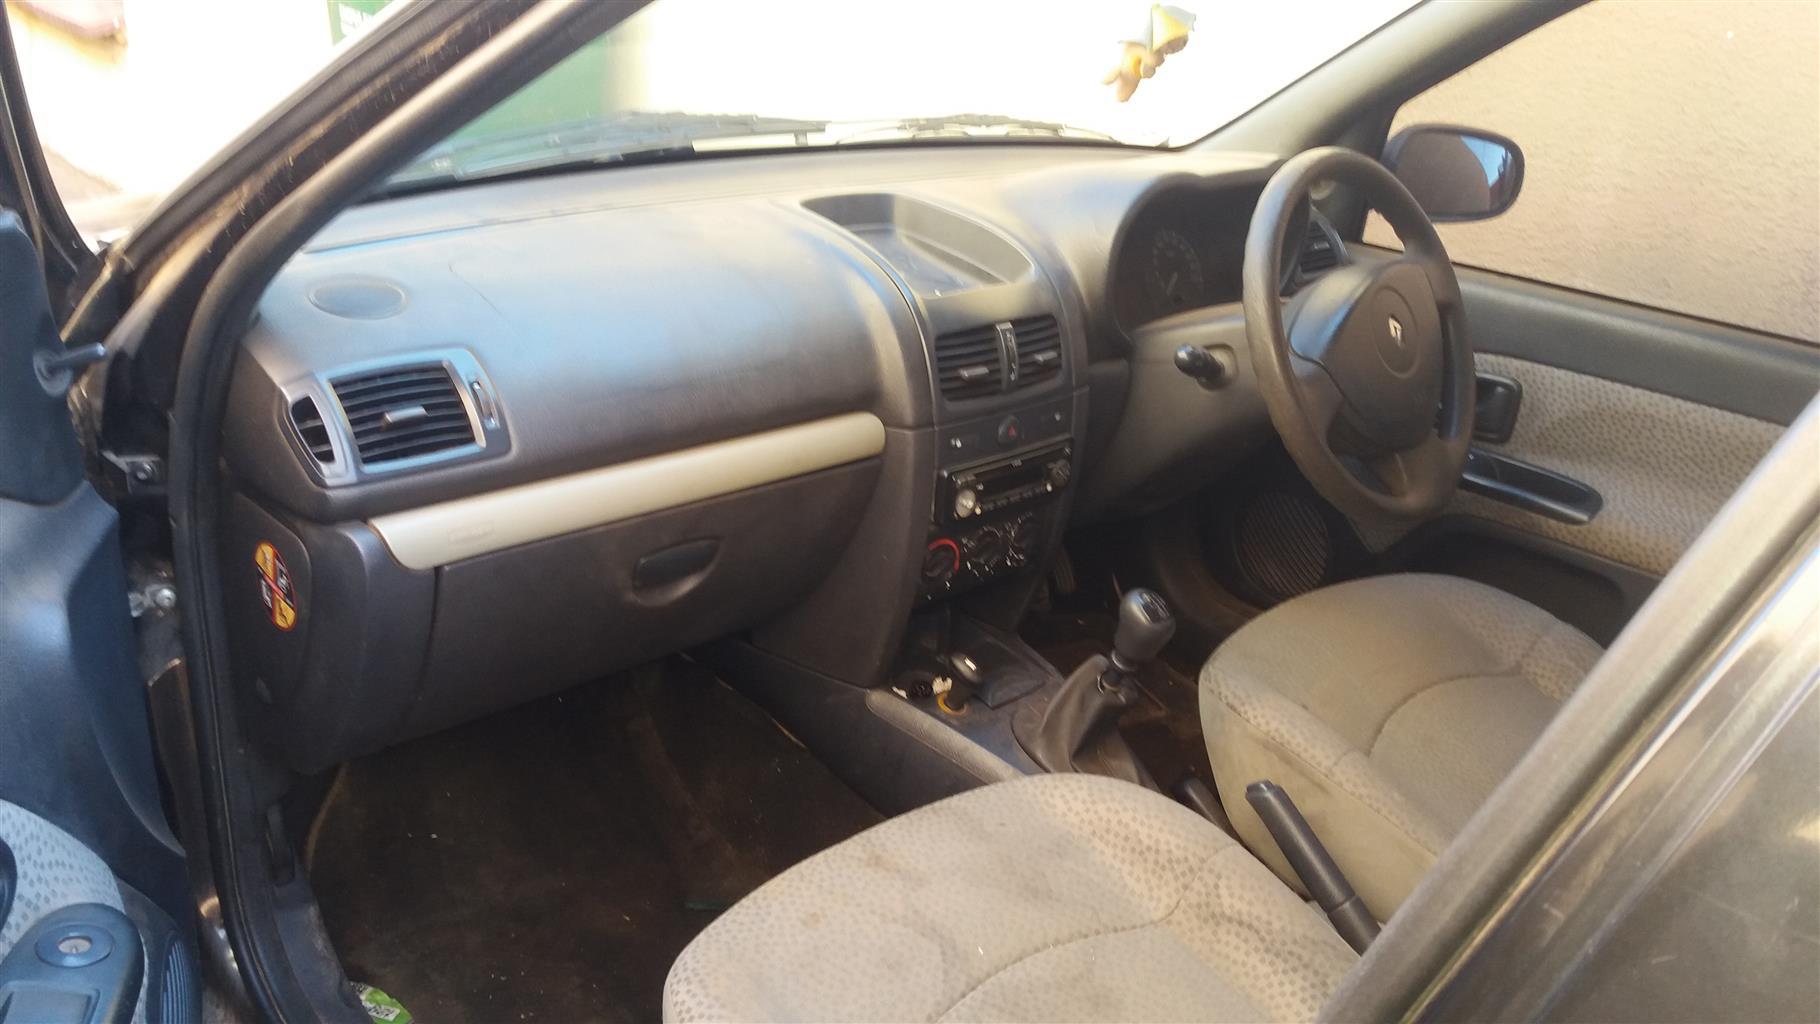 2005 Renault Clio 1.6 Dynamique 5 door